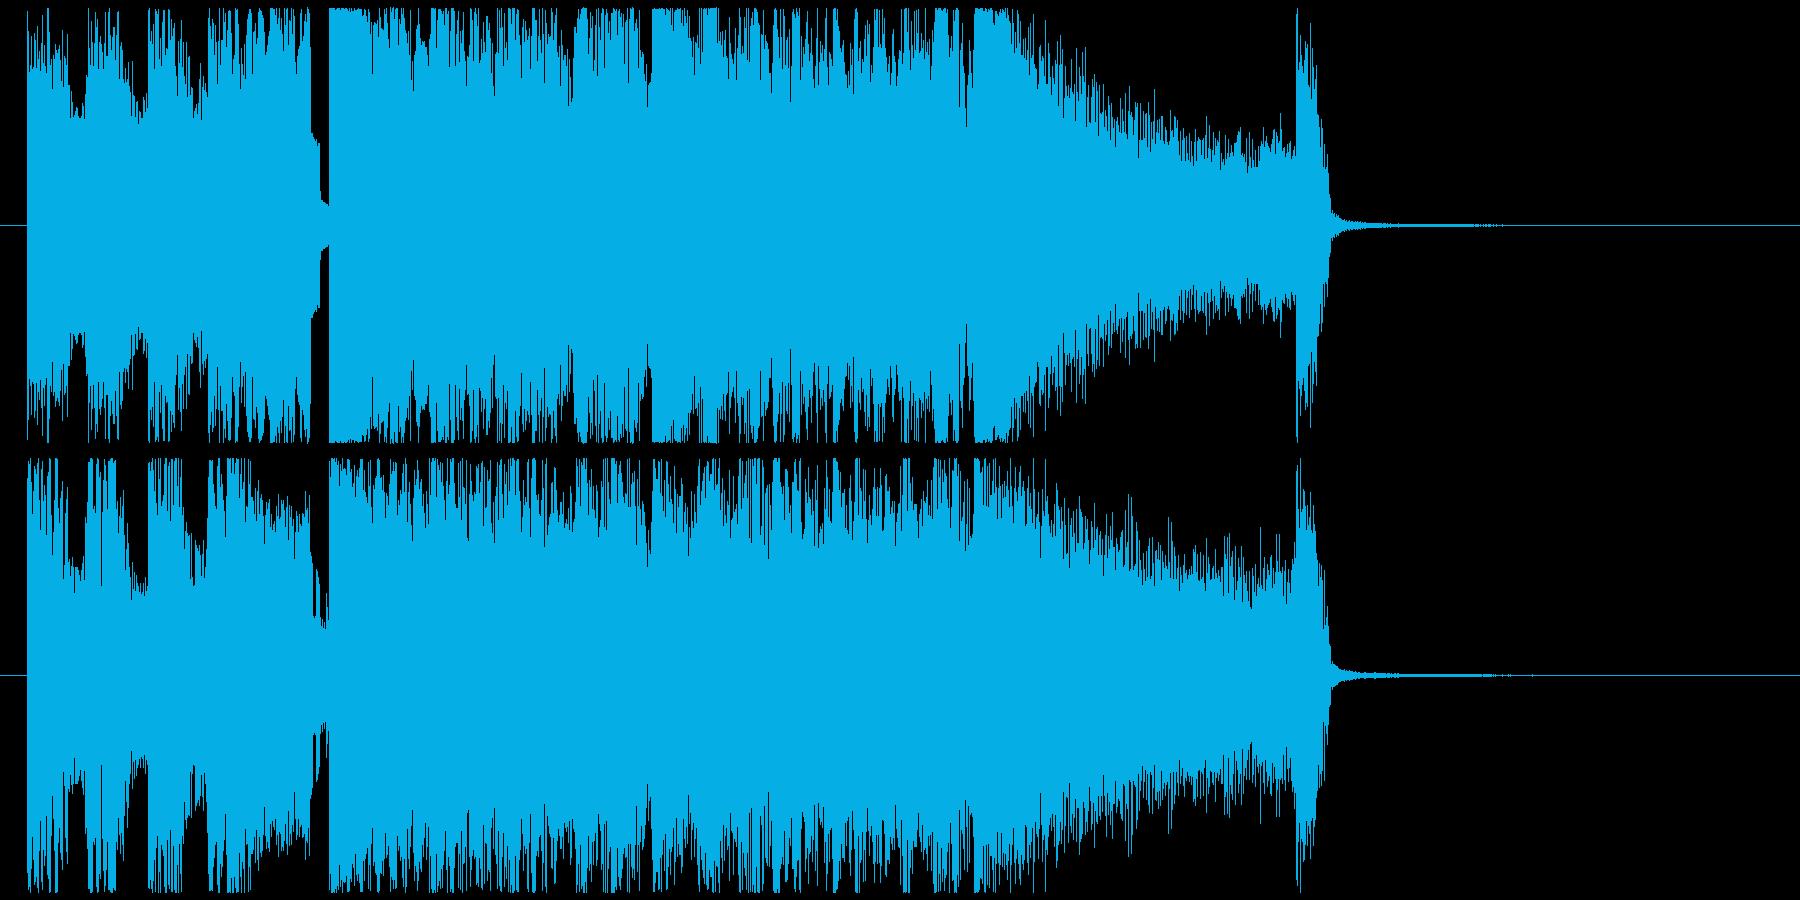 オープニング感全開の爽快バンドサウンド!の再生済みの波形